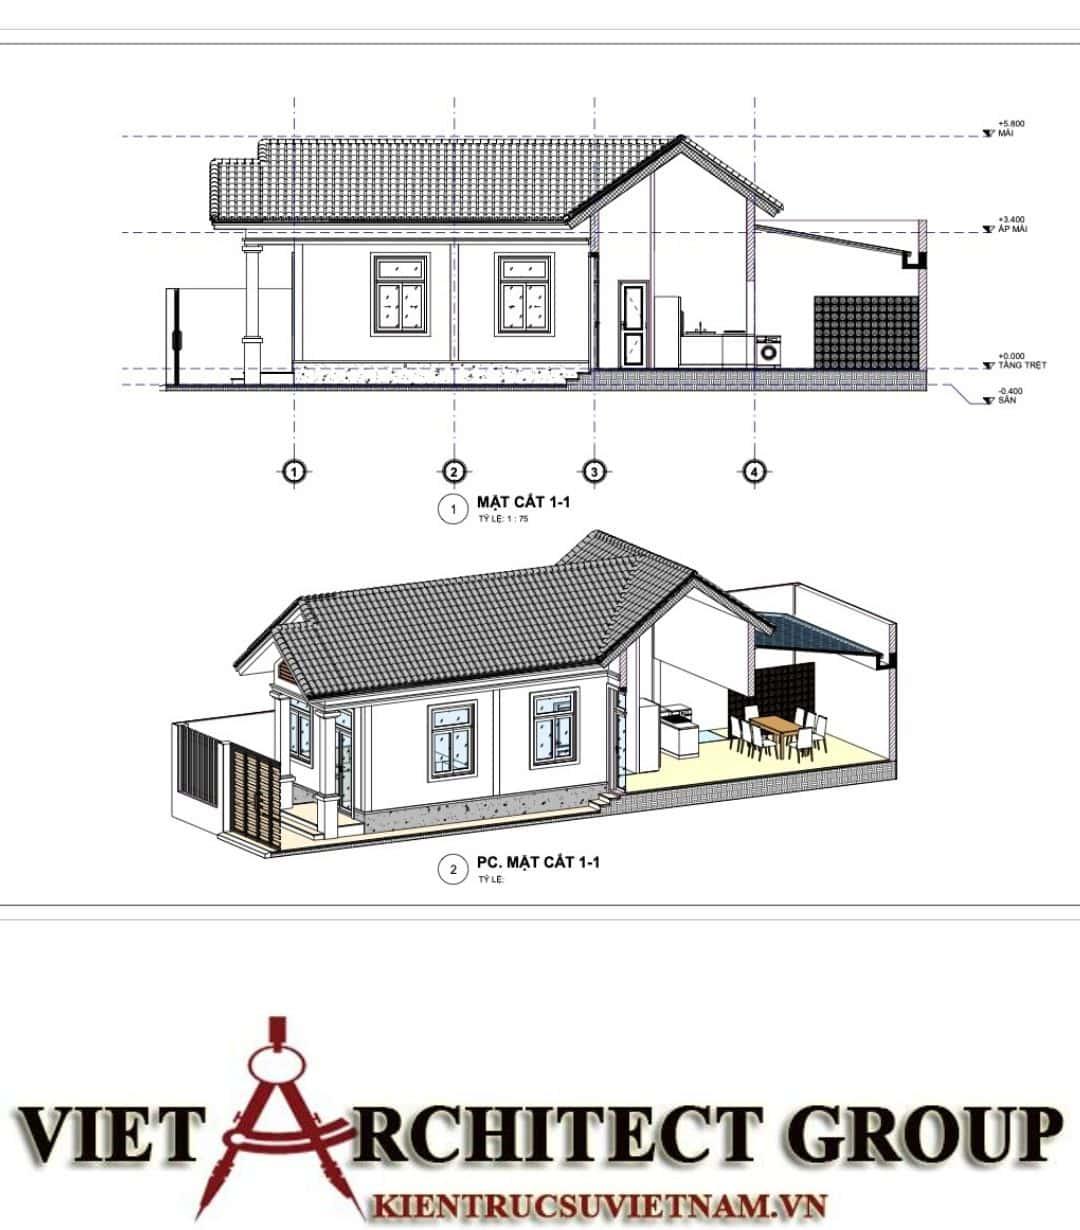 8 10 - Công trình nhà ở trệt mái thái diện tích 120m2 Mr Thi - Thủ Đức, TPHCM